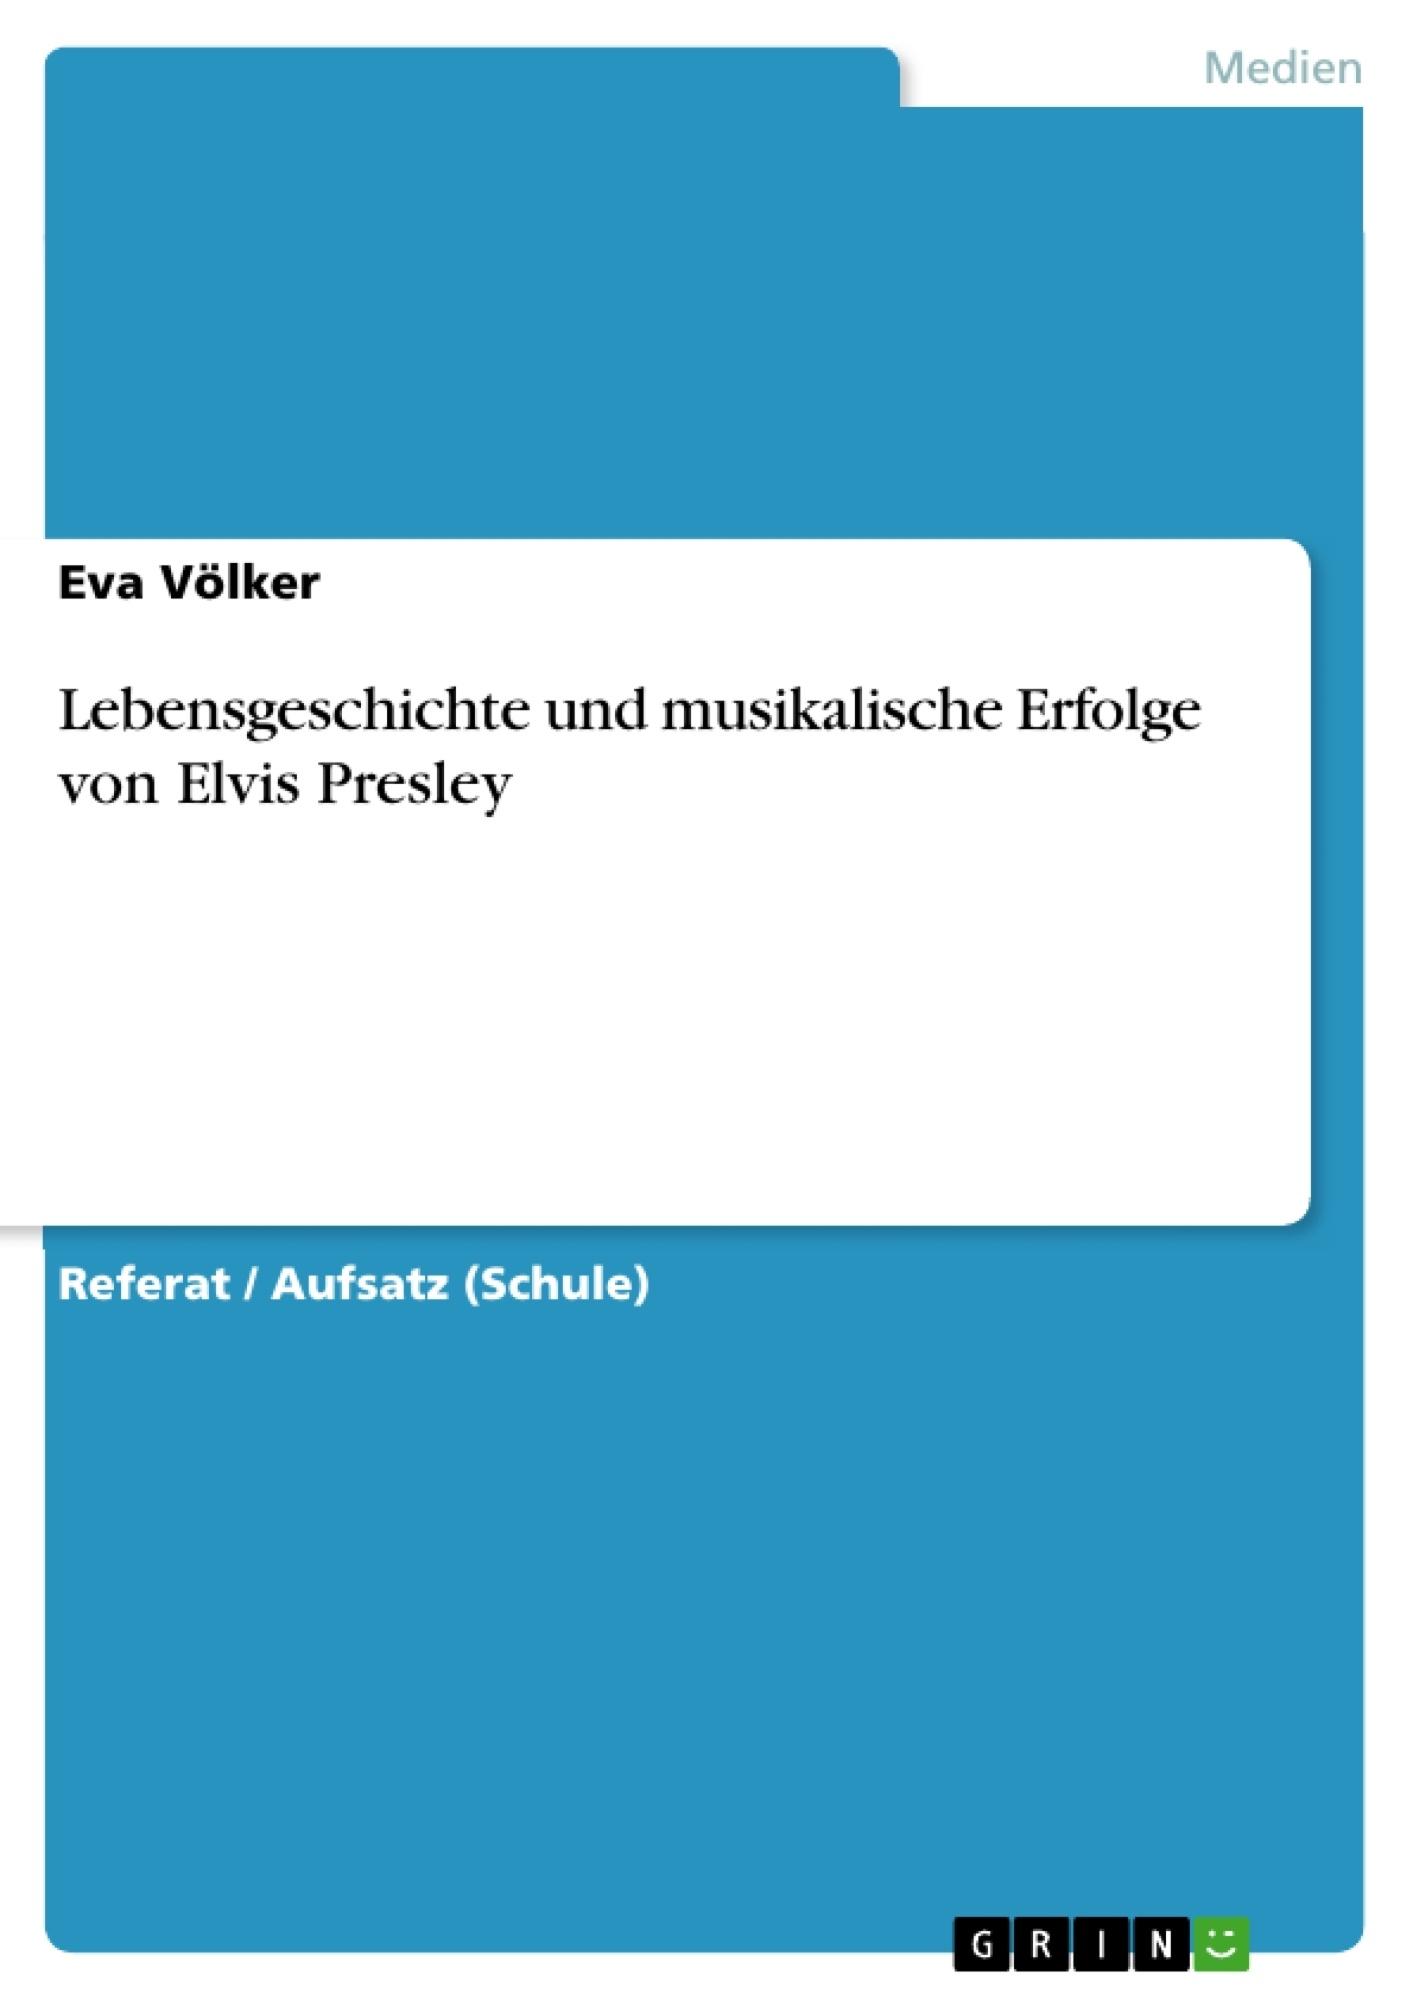 Titel: Lebensgeschichte und musikalische Erfolge von Elvis Presley